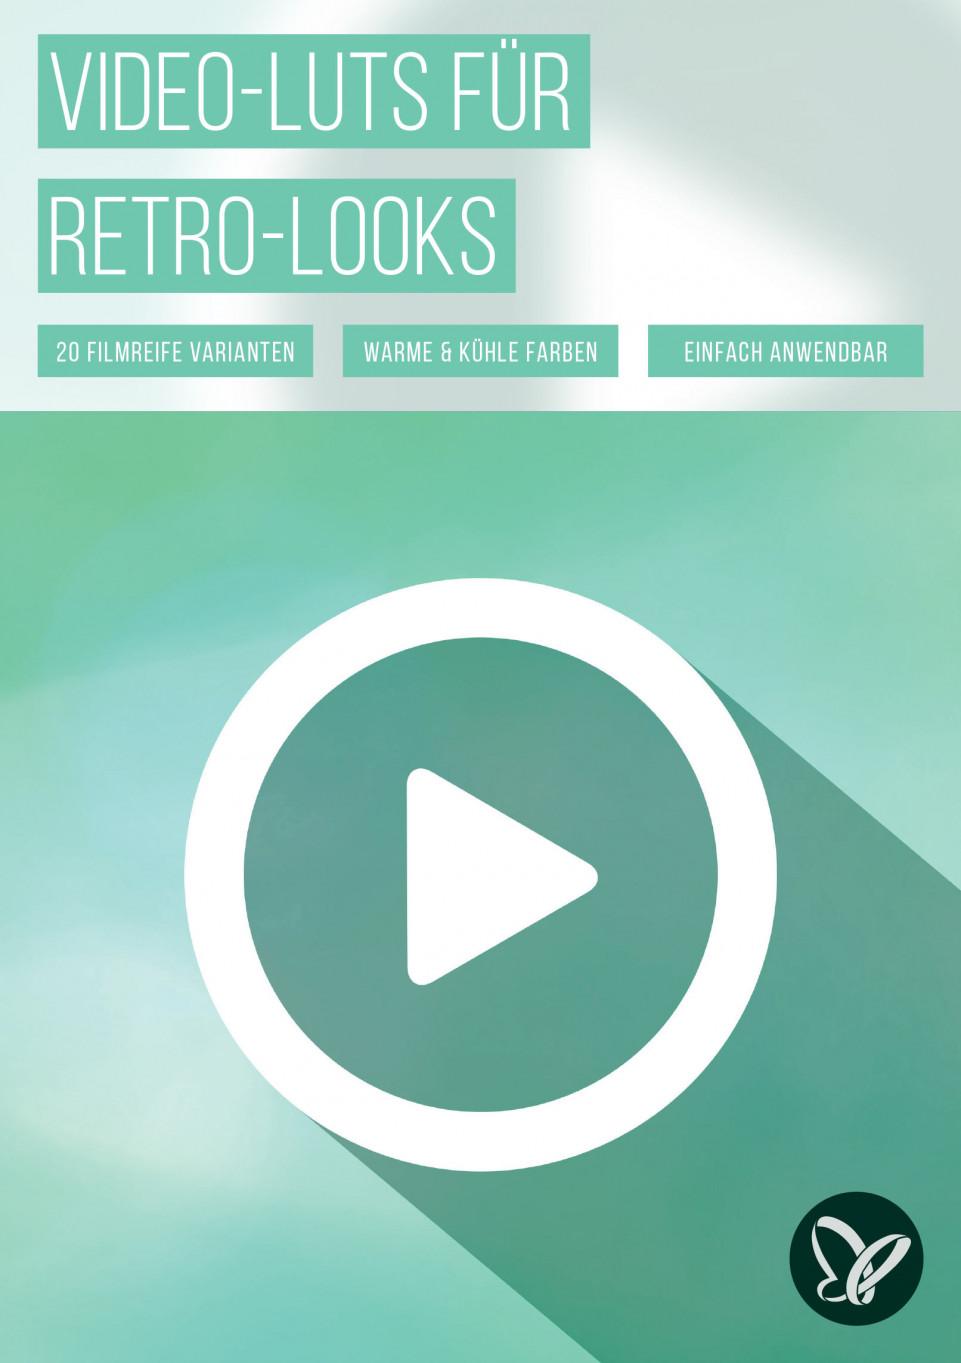 Video-LUTs für Premiere Pro, After Effects und Co: sommerliche und winterliche Retro-Looks